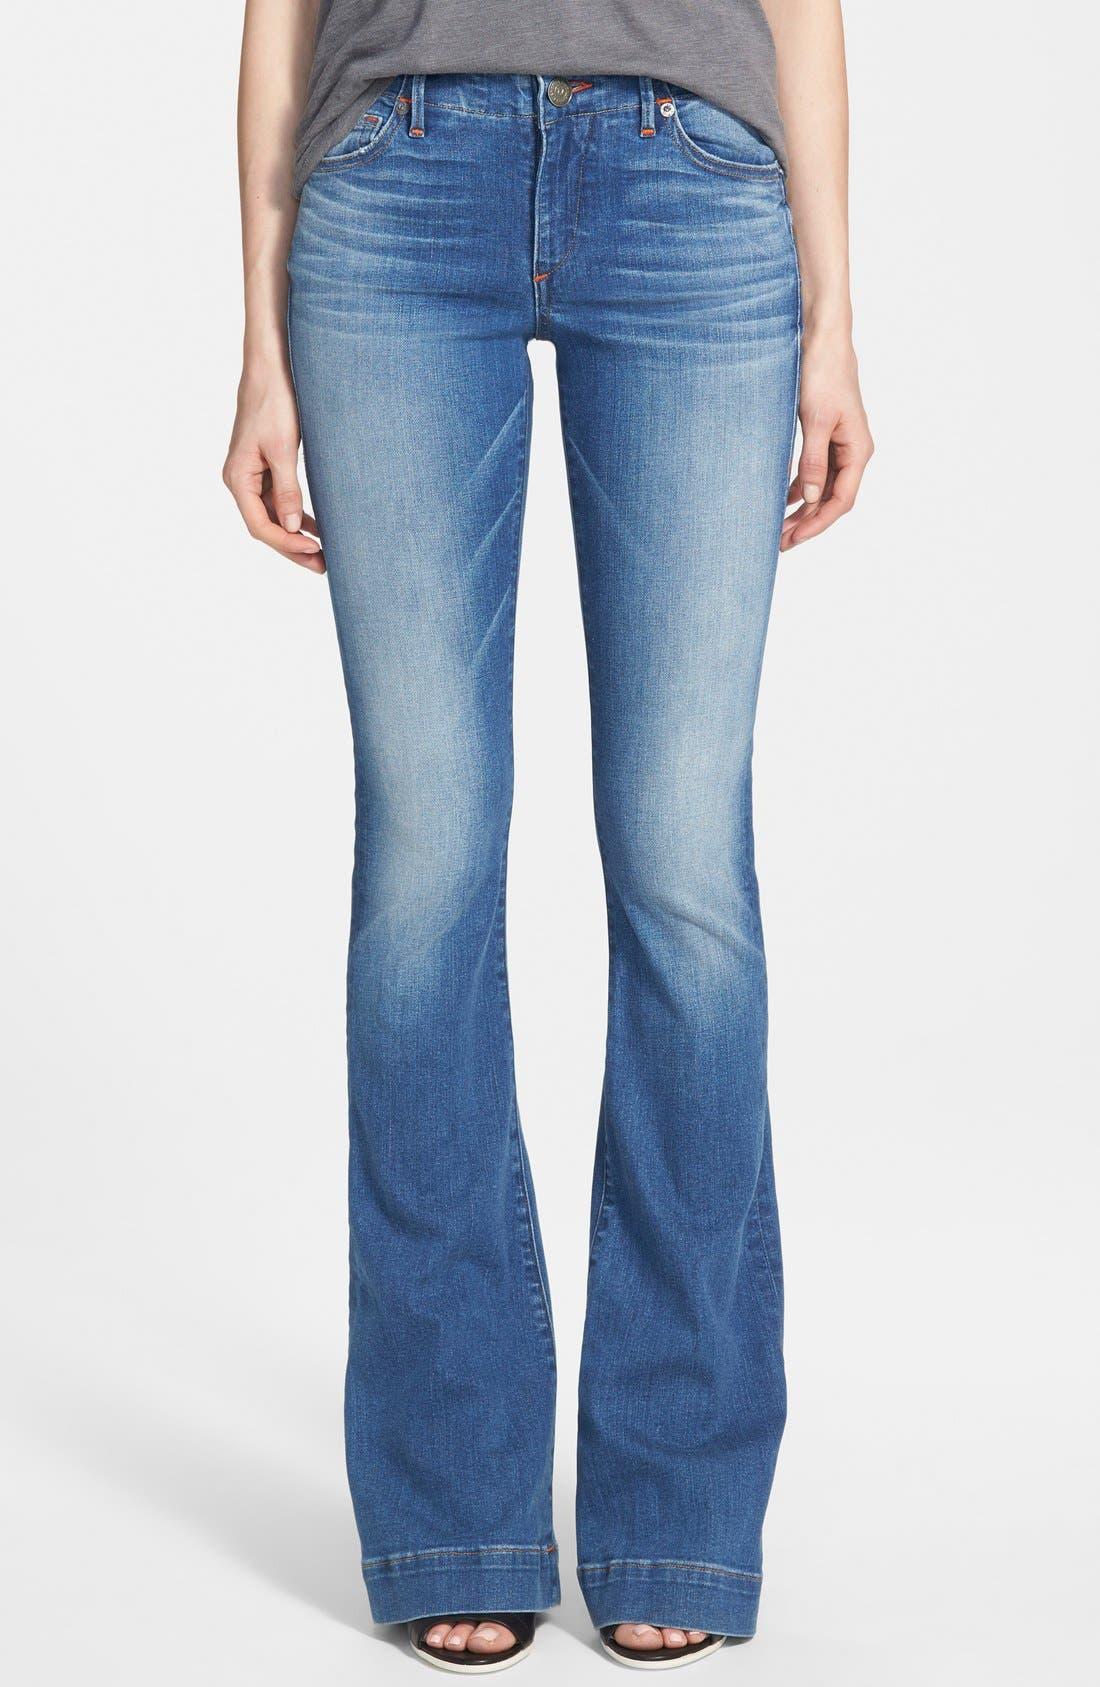 Alternate Image 1 Selected - True Religion Brand Jeans 'Charlize' Flare Jeans (Edenhurst)